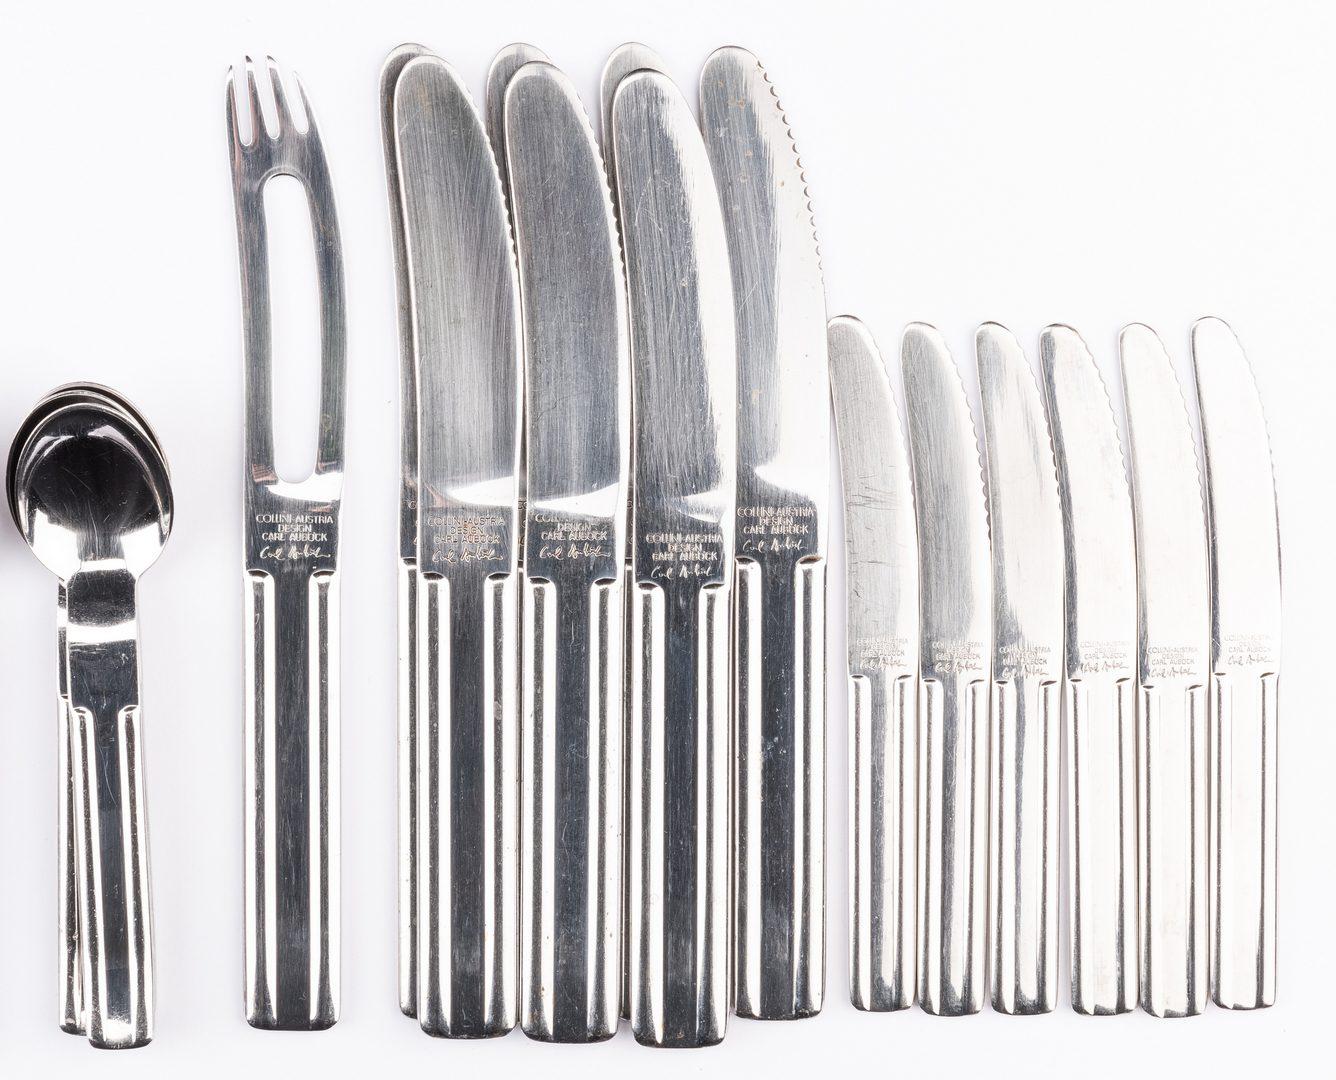 Lot 454: Carl Aubock Culinar Flatware, 40 pcs.